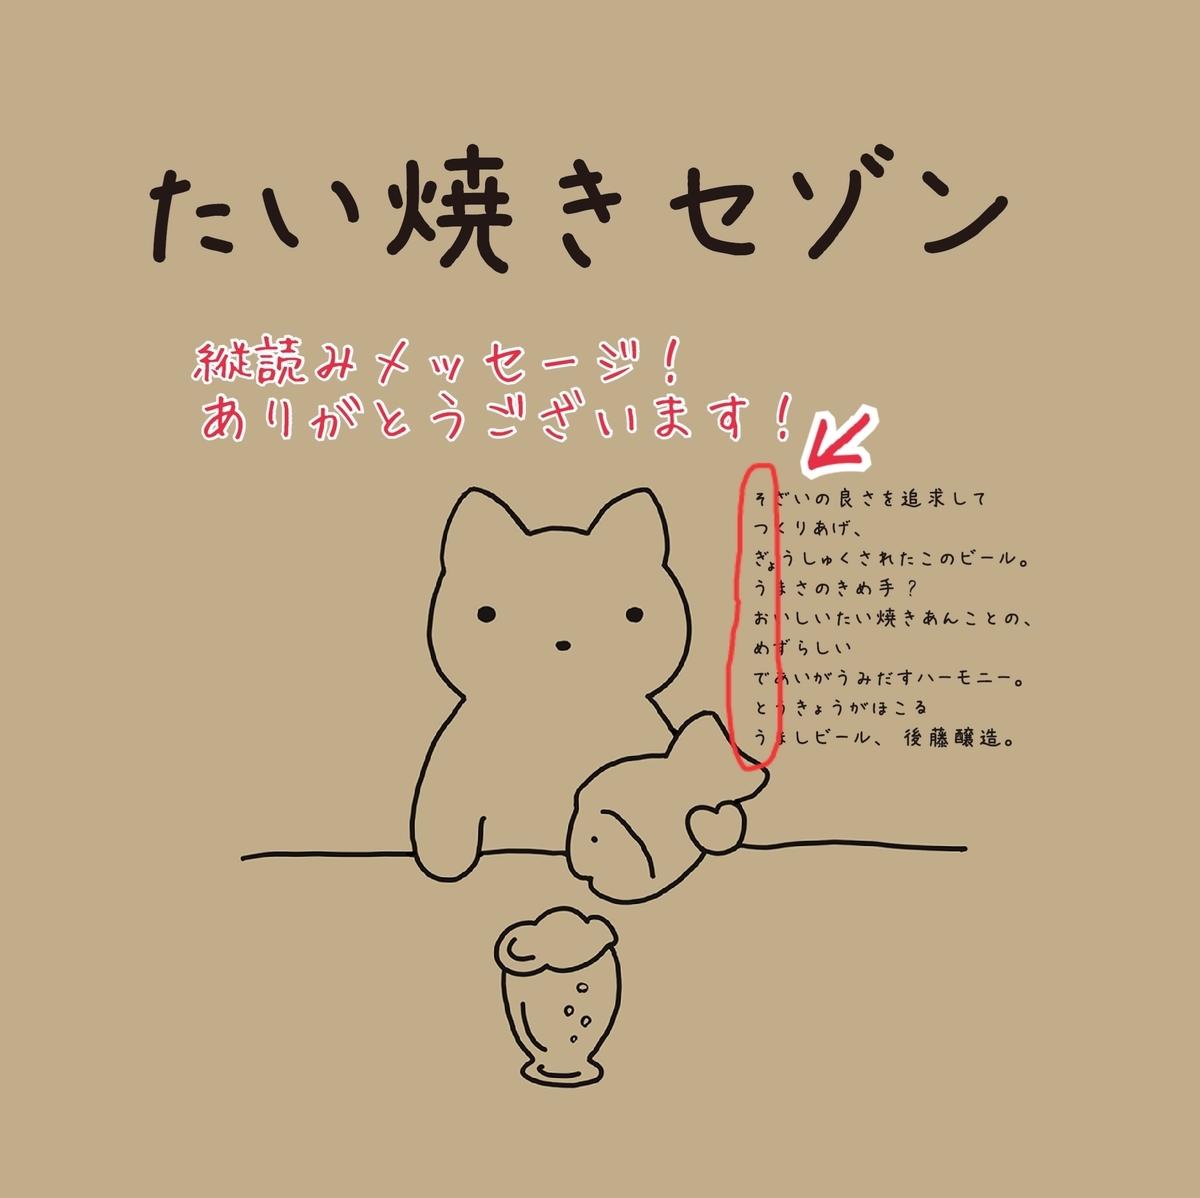 f:id:gotojozo-blog:20200228163550j:plain:w450